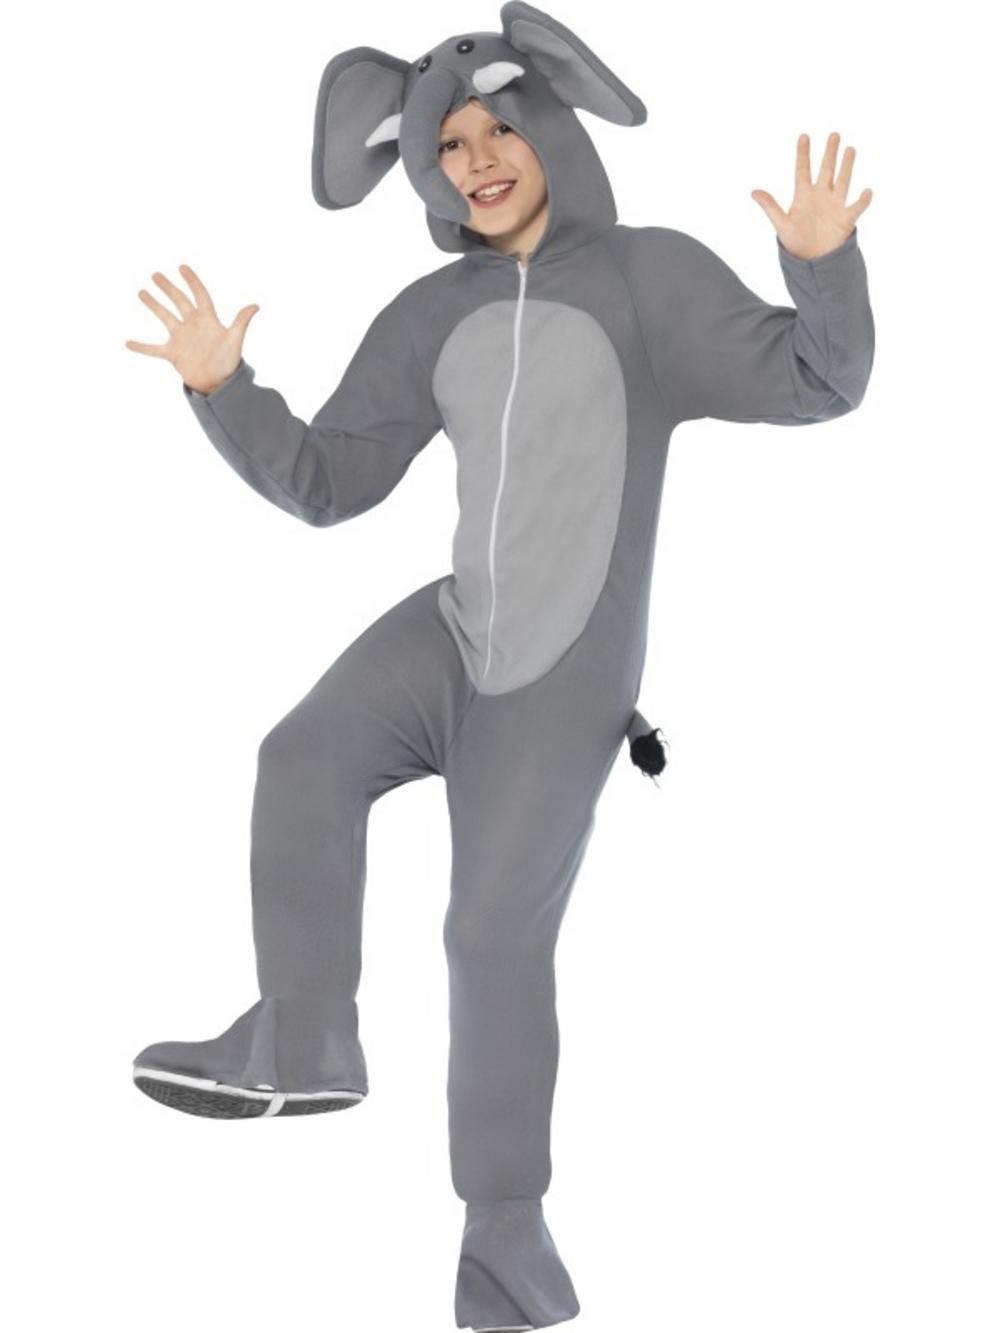 Kids Elephant Fancy Dress Costume  sc 1 st  Mega Fancy Dress & Kids Elephant Fancy Dress Costume | TV Book and Film Costumes ...